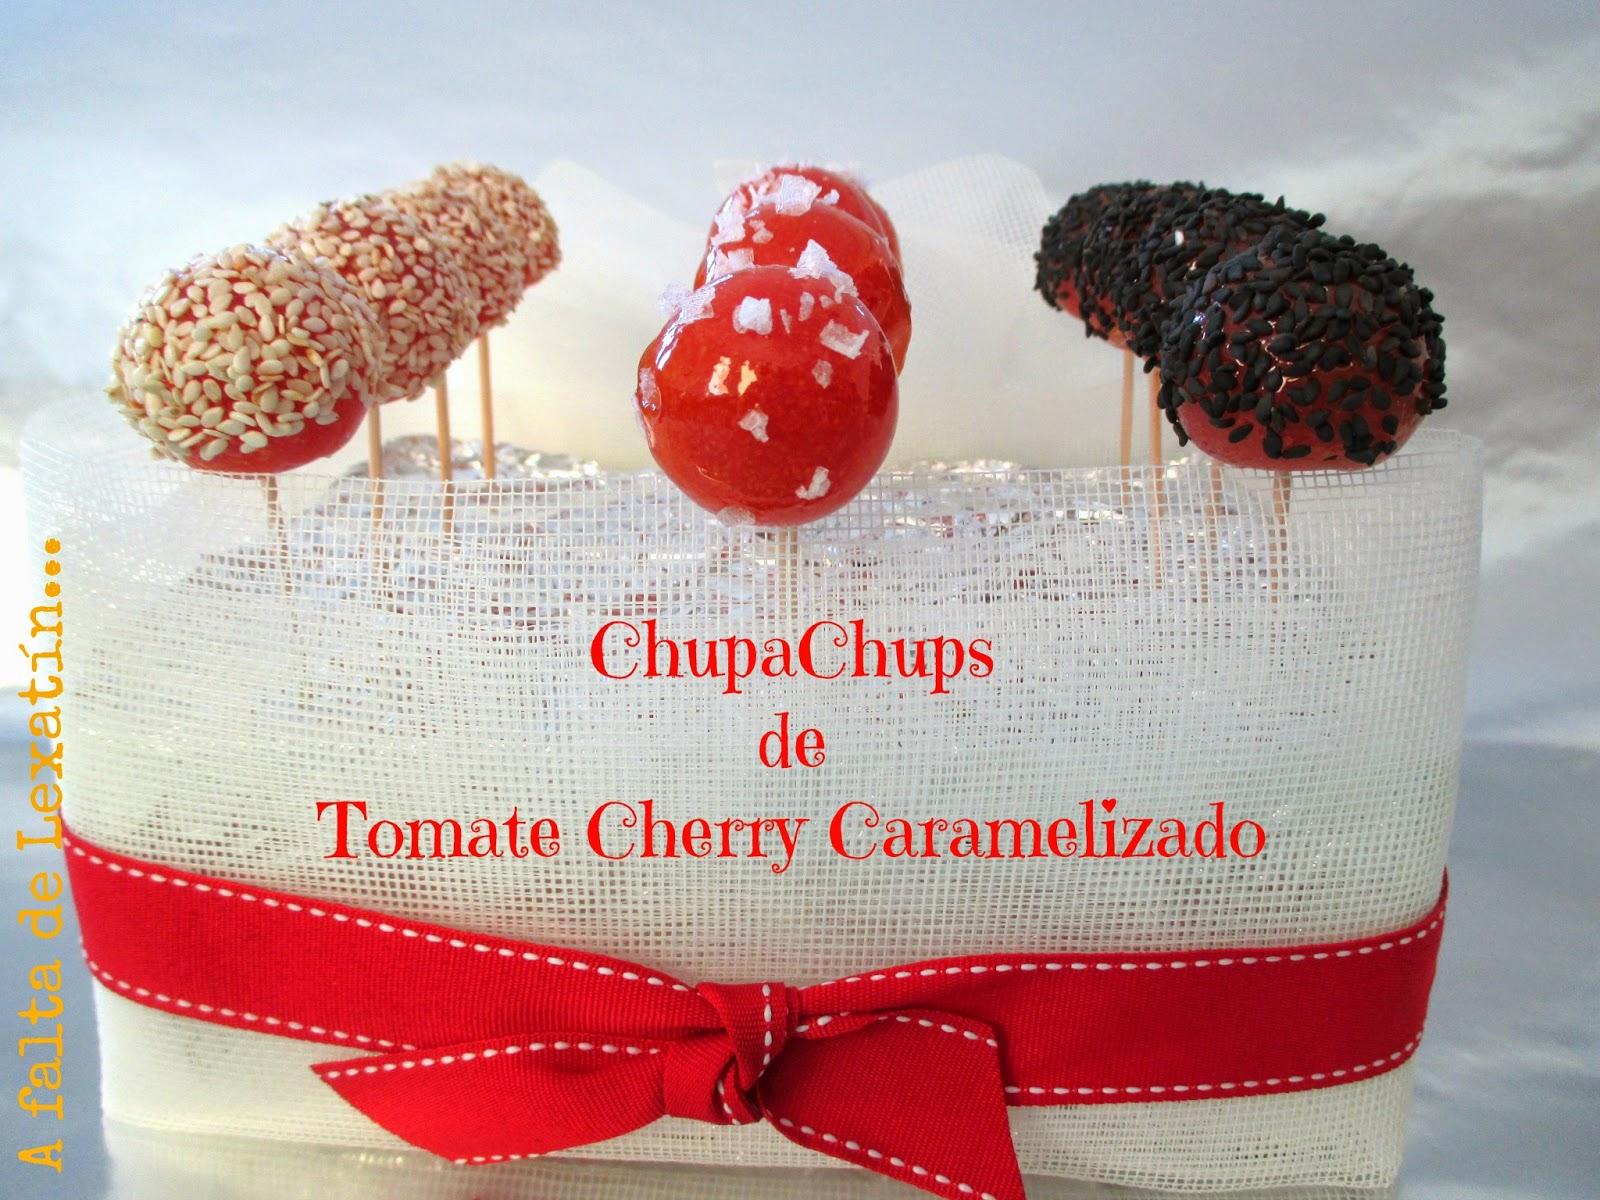 Chupachups de Tomate Cherry caramelizado